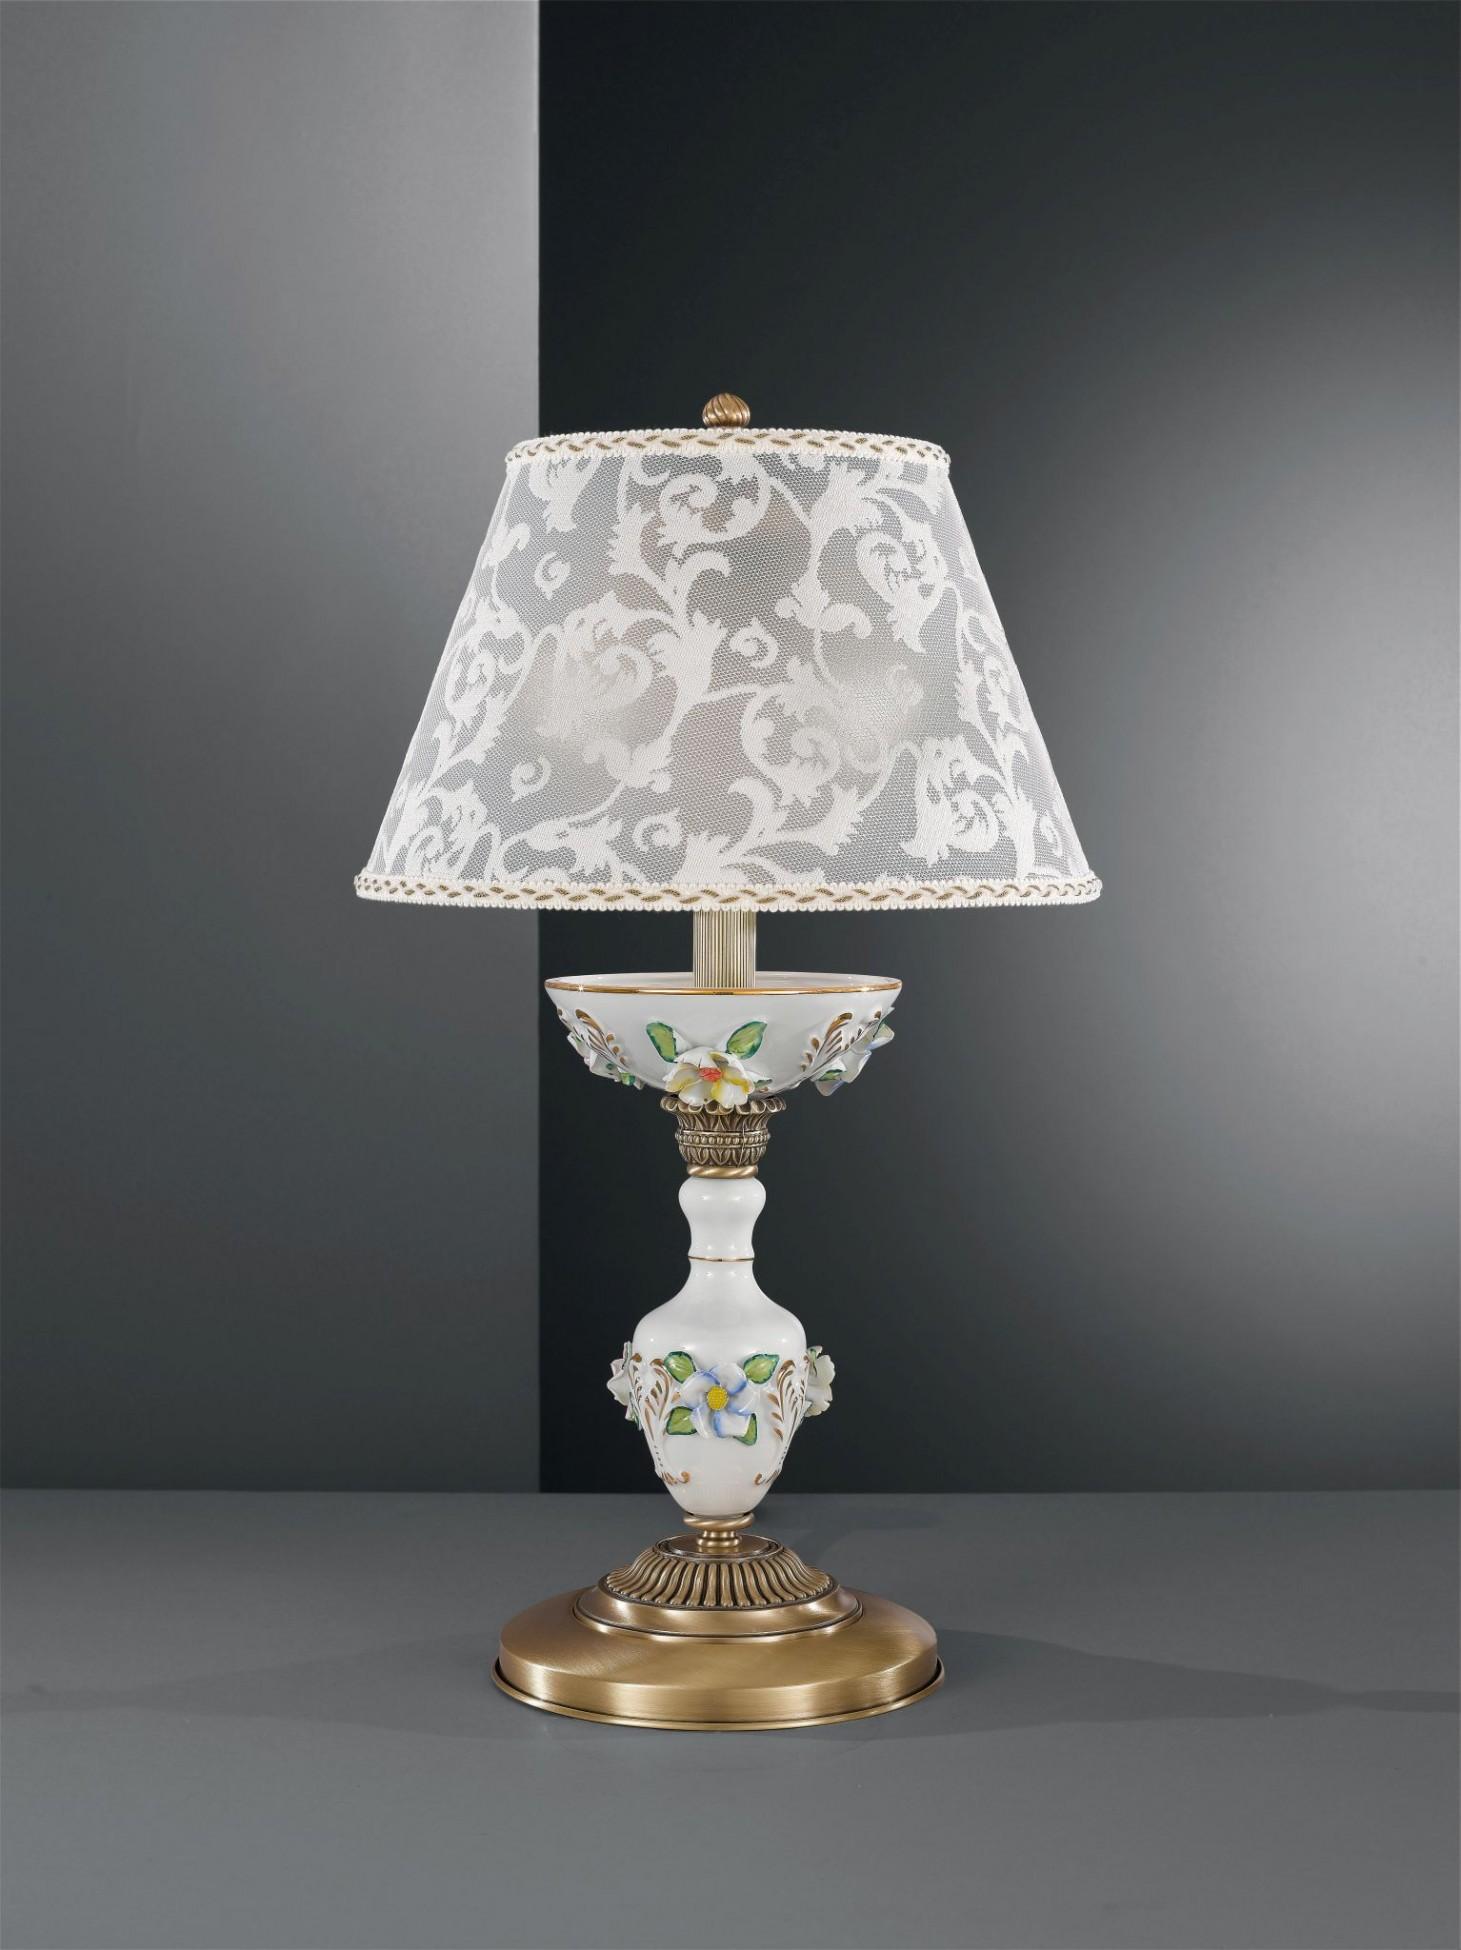 Lampada Da Tavolo In Ottone E Porcellana Dipinta Con Paralume Reccagni Store